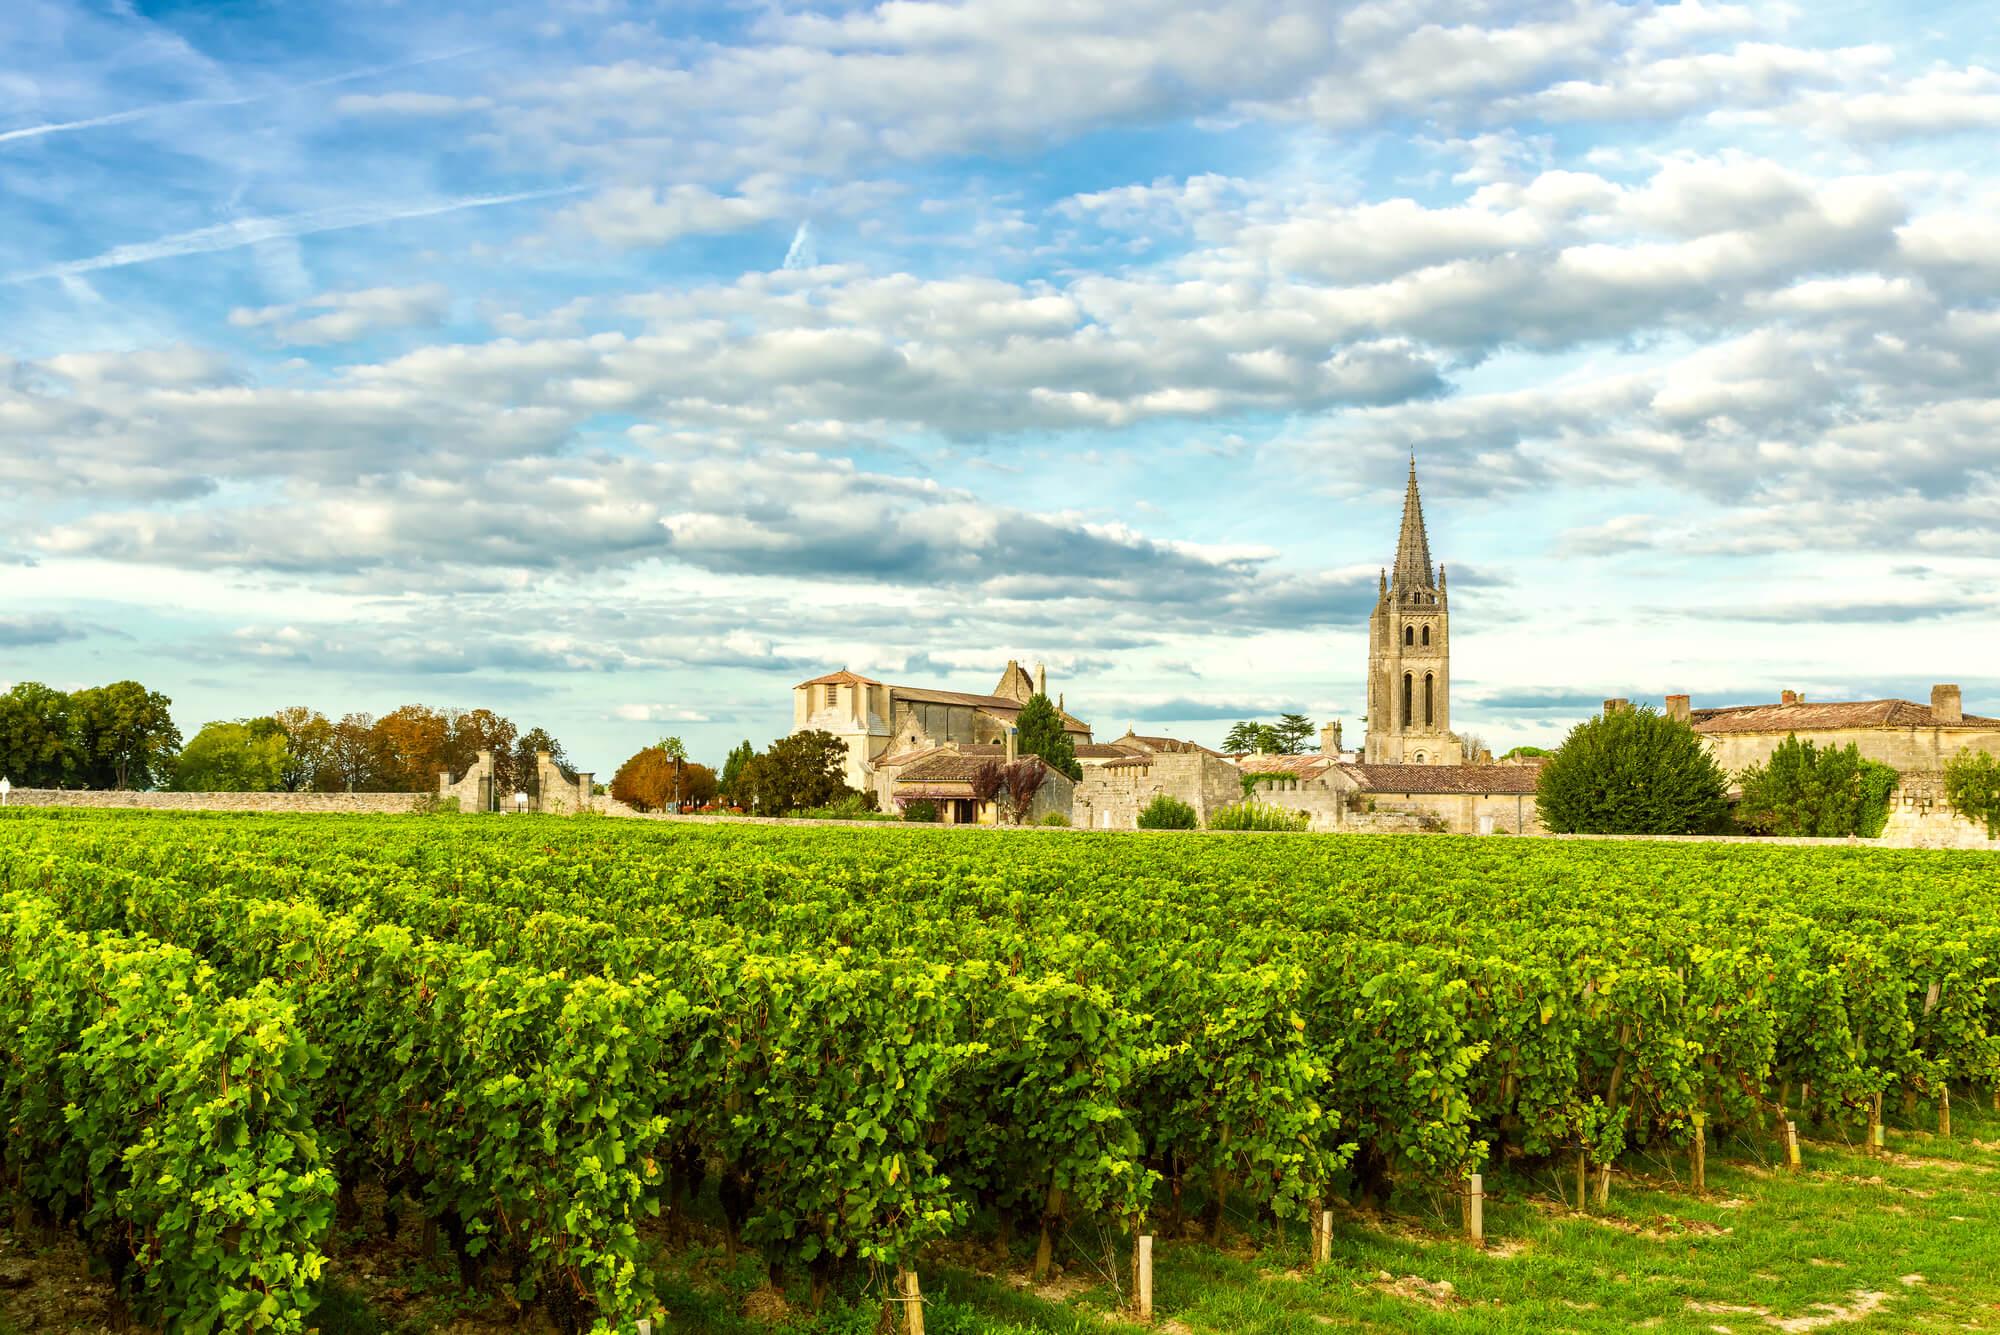 Vineyeards in Saint-Emilion